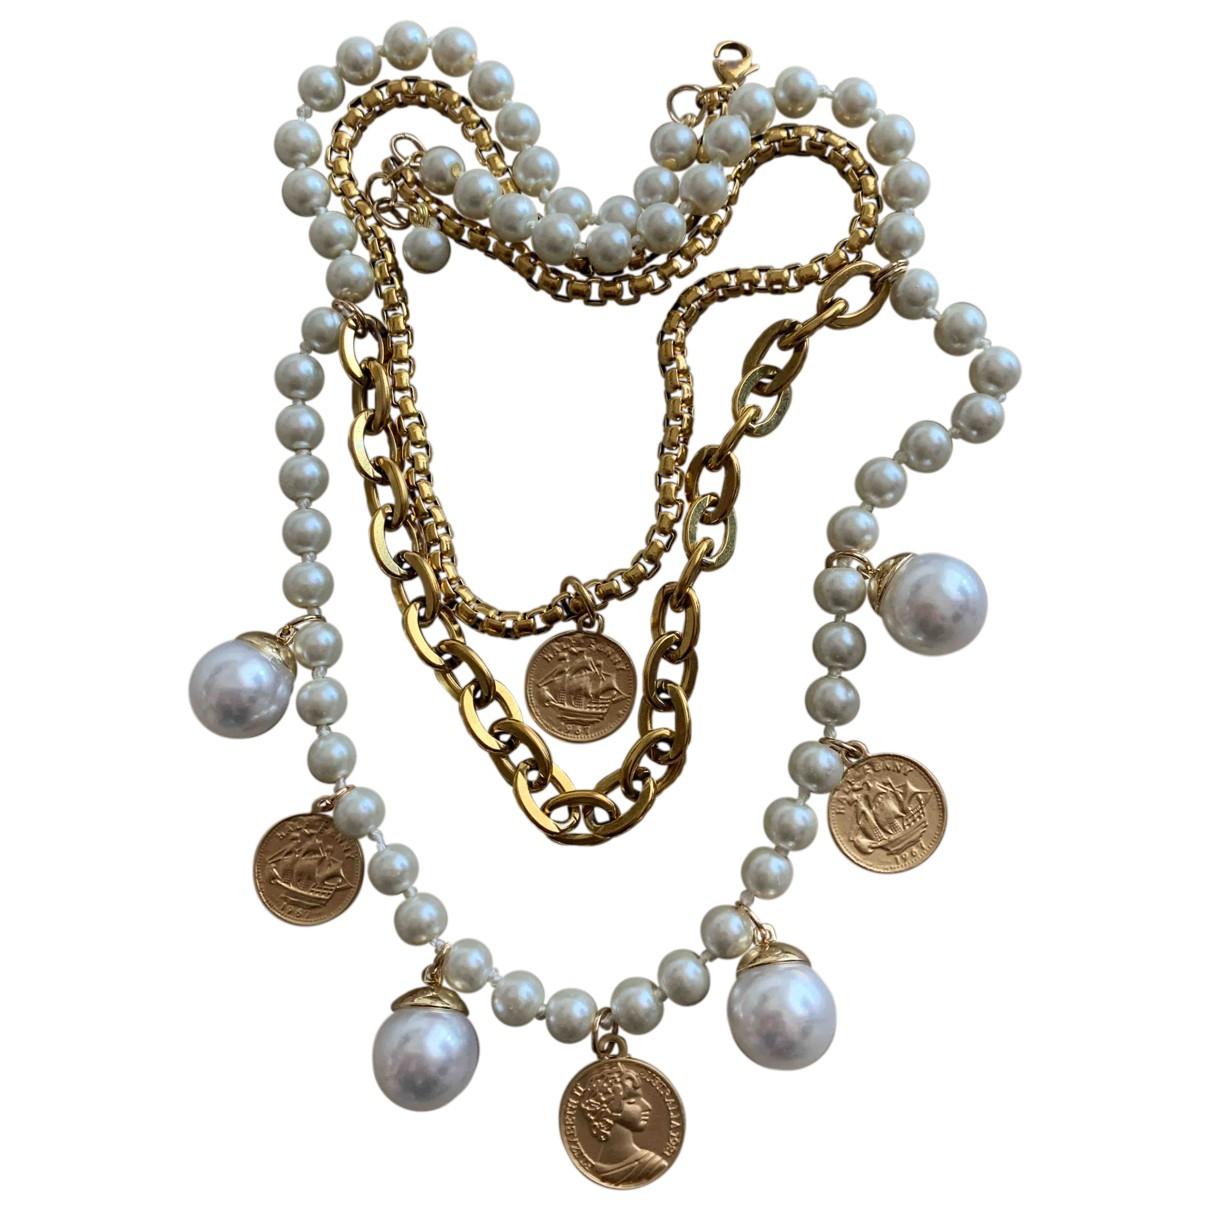 Collar Medailles con Perla Non Signe / Unsigned